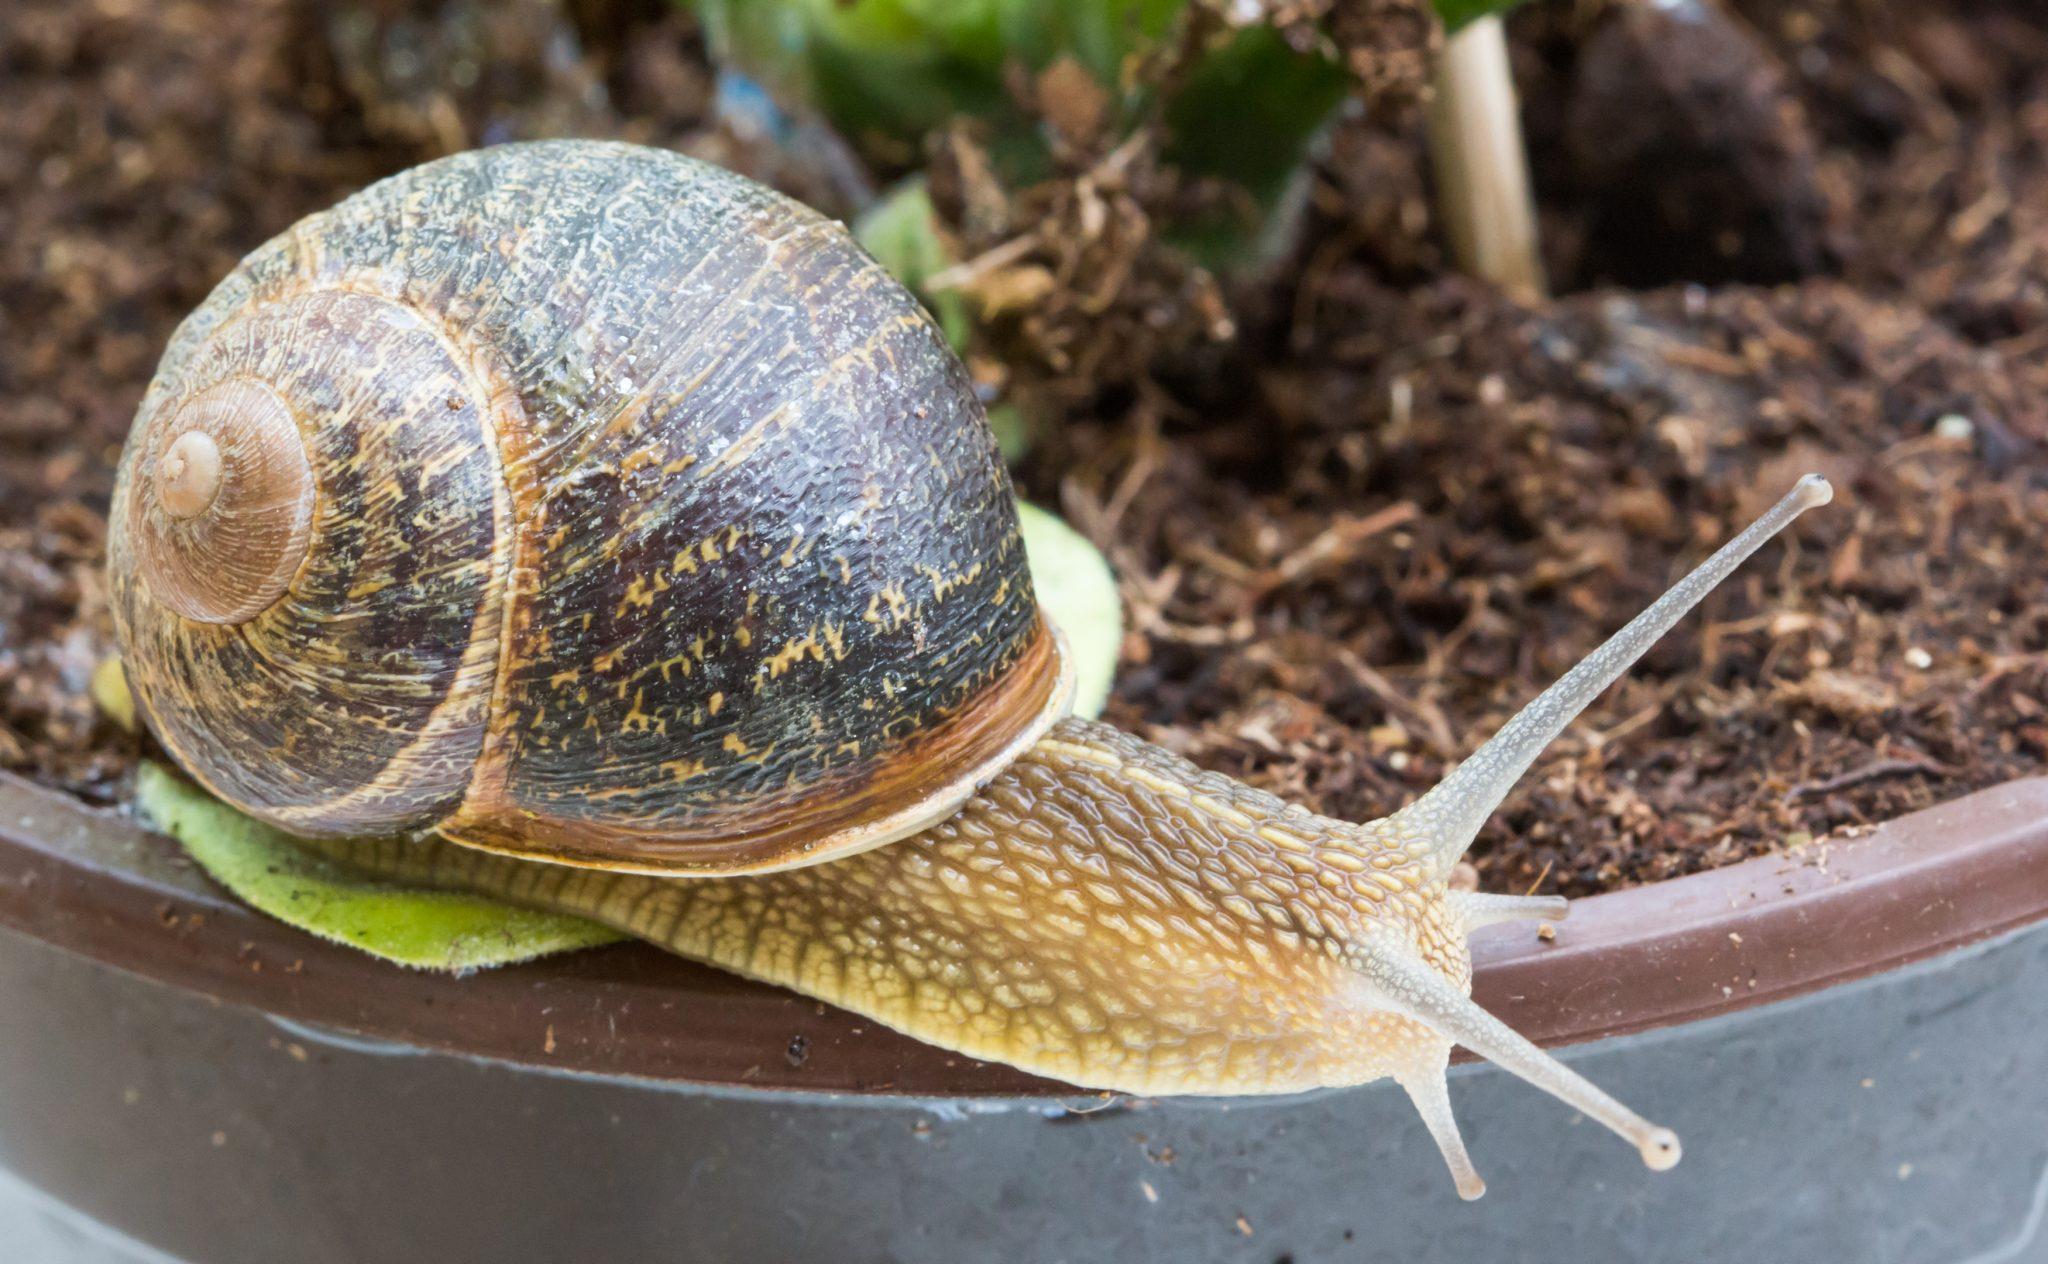 garden slugs